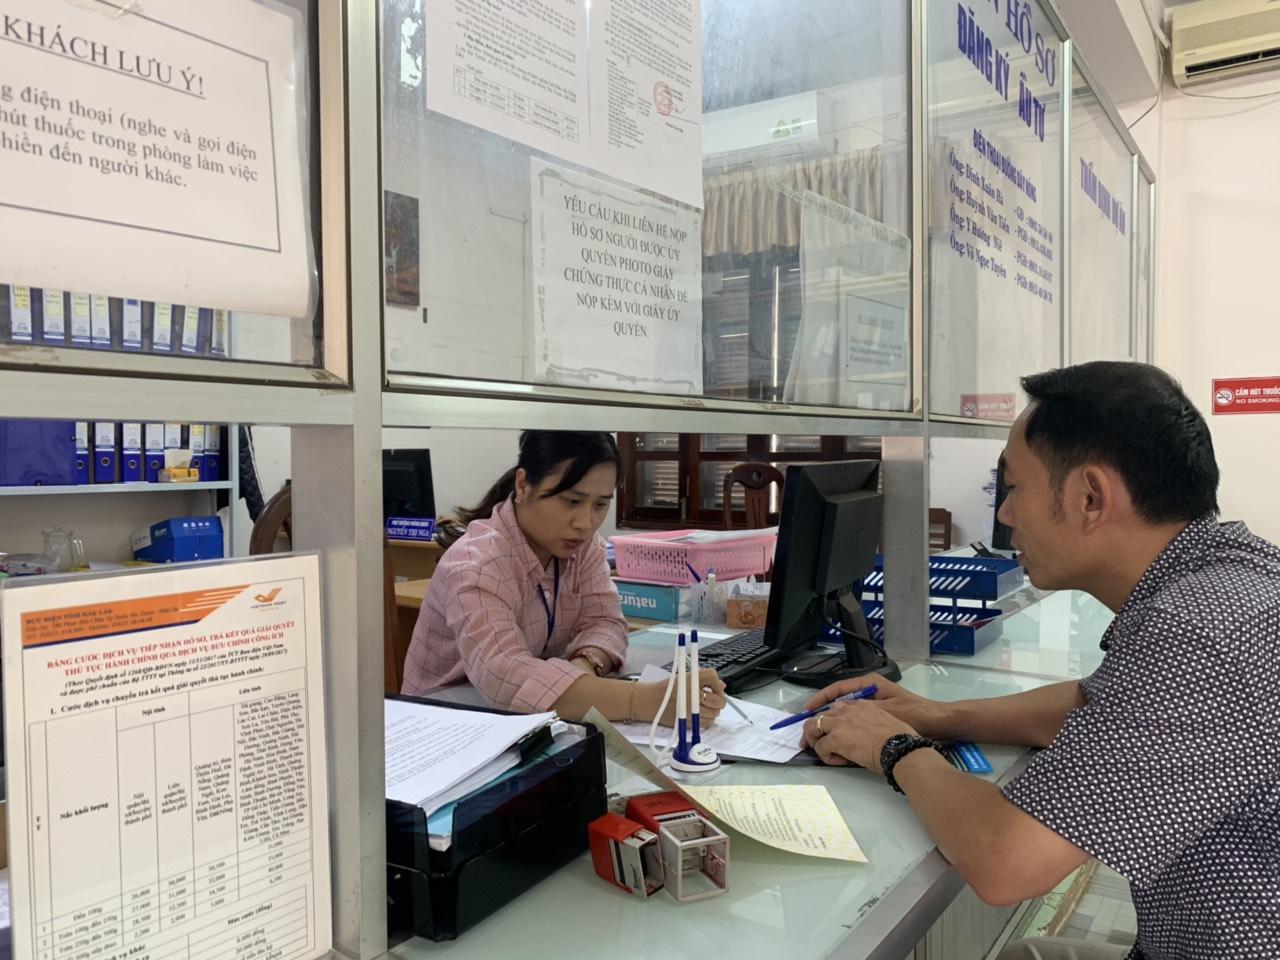 CCHC Sở Kế hoạch và Đầu tư: Đẩy mạnh liên thông trên cổng đăng ký doanh nghiệp Quốc gia